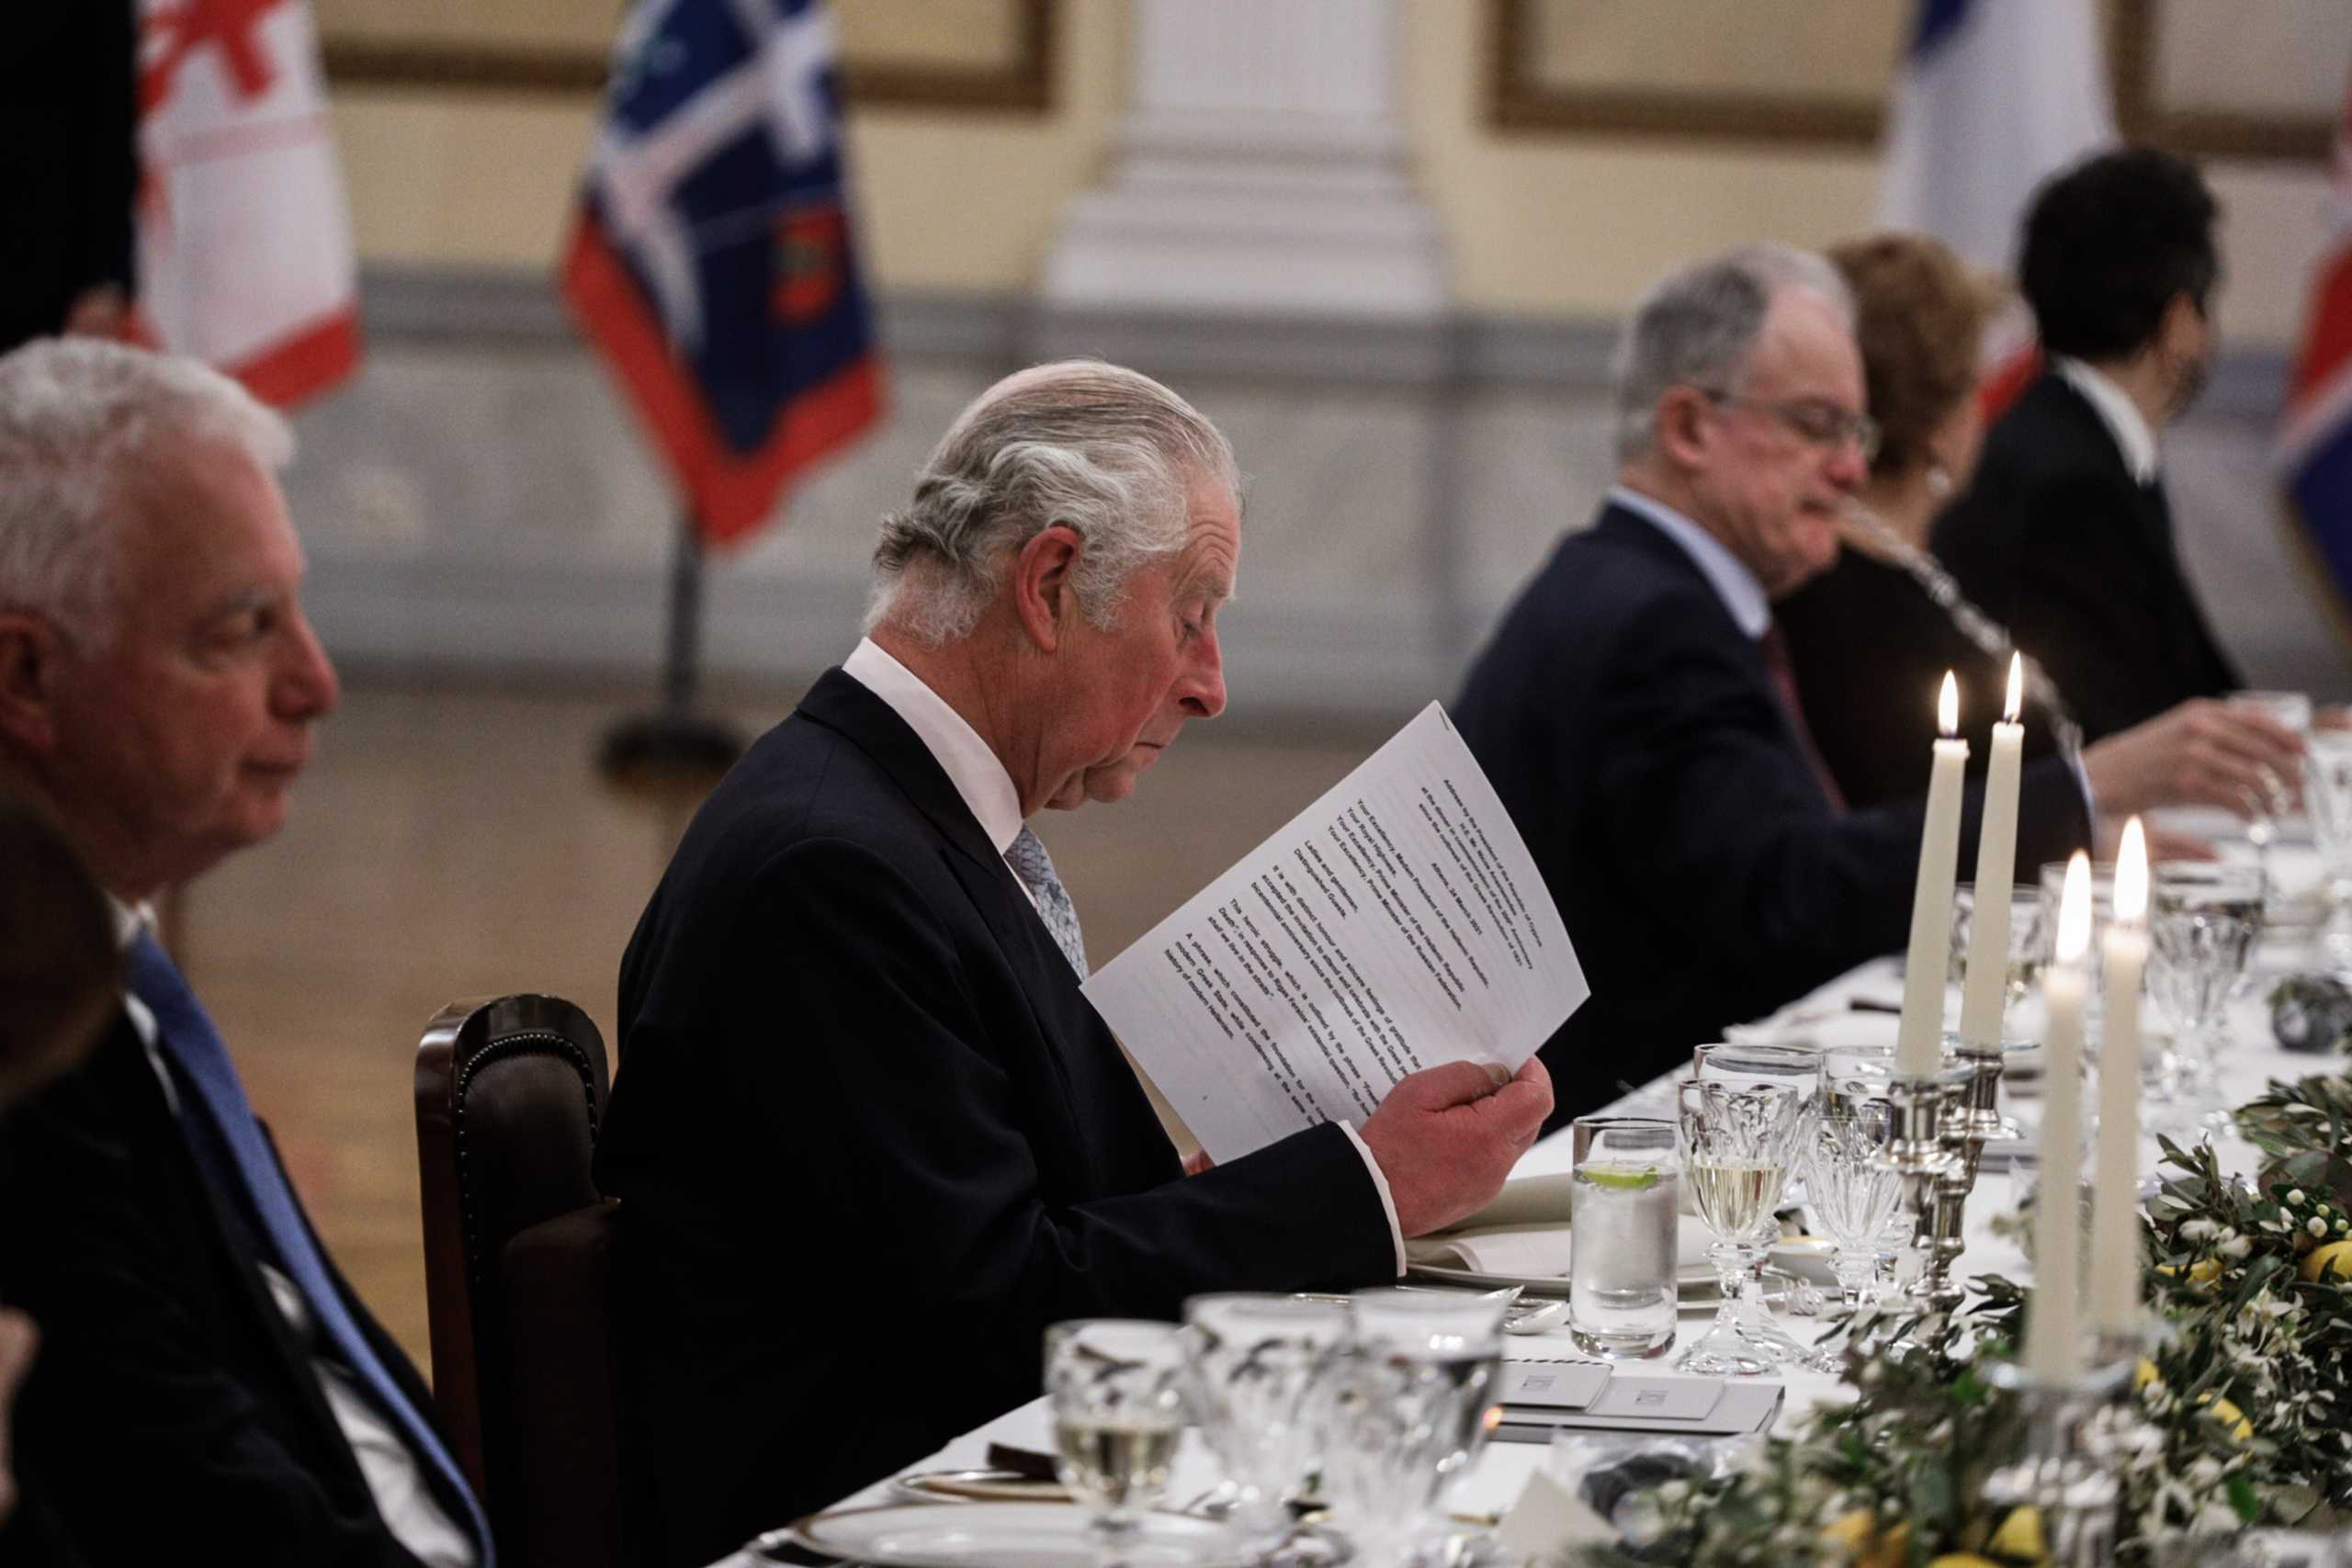 Συγκλόνισε ο πρίγκιπας Κάρολος: Αναφώνησε στα ελληνικά «Χαίρε, ω χαίρε, ελευθεριά, Ζήτω η Ελλάς»